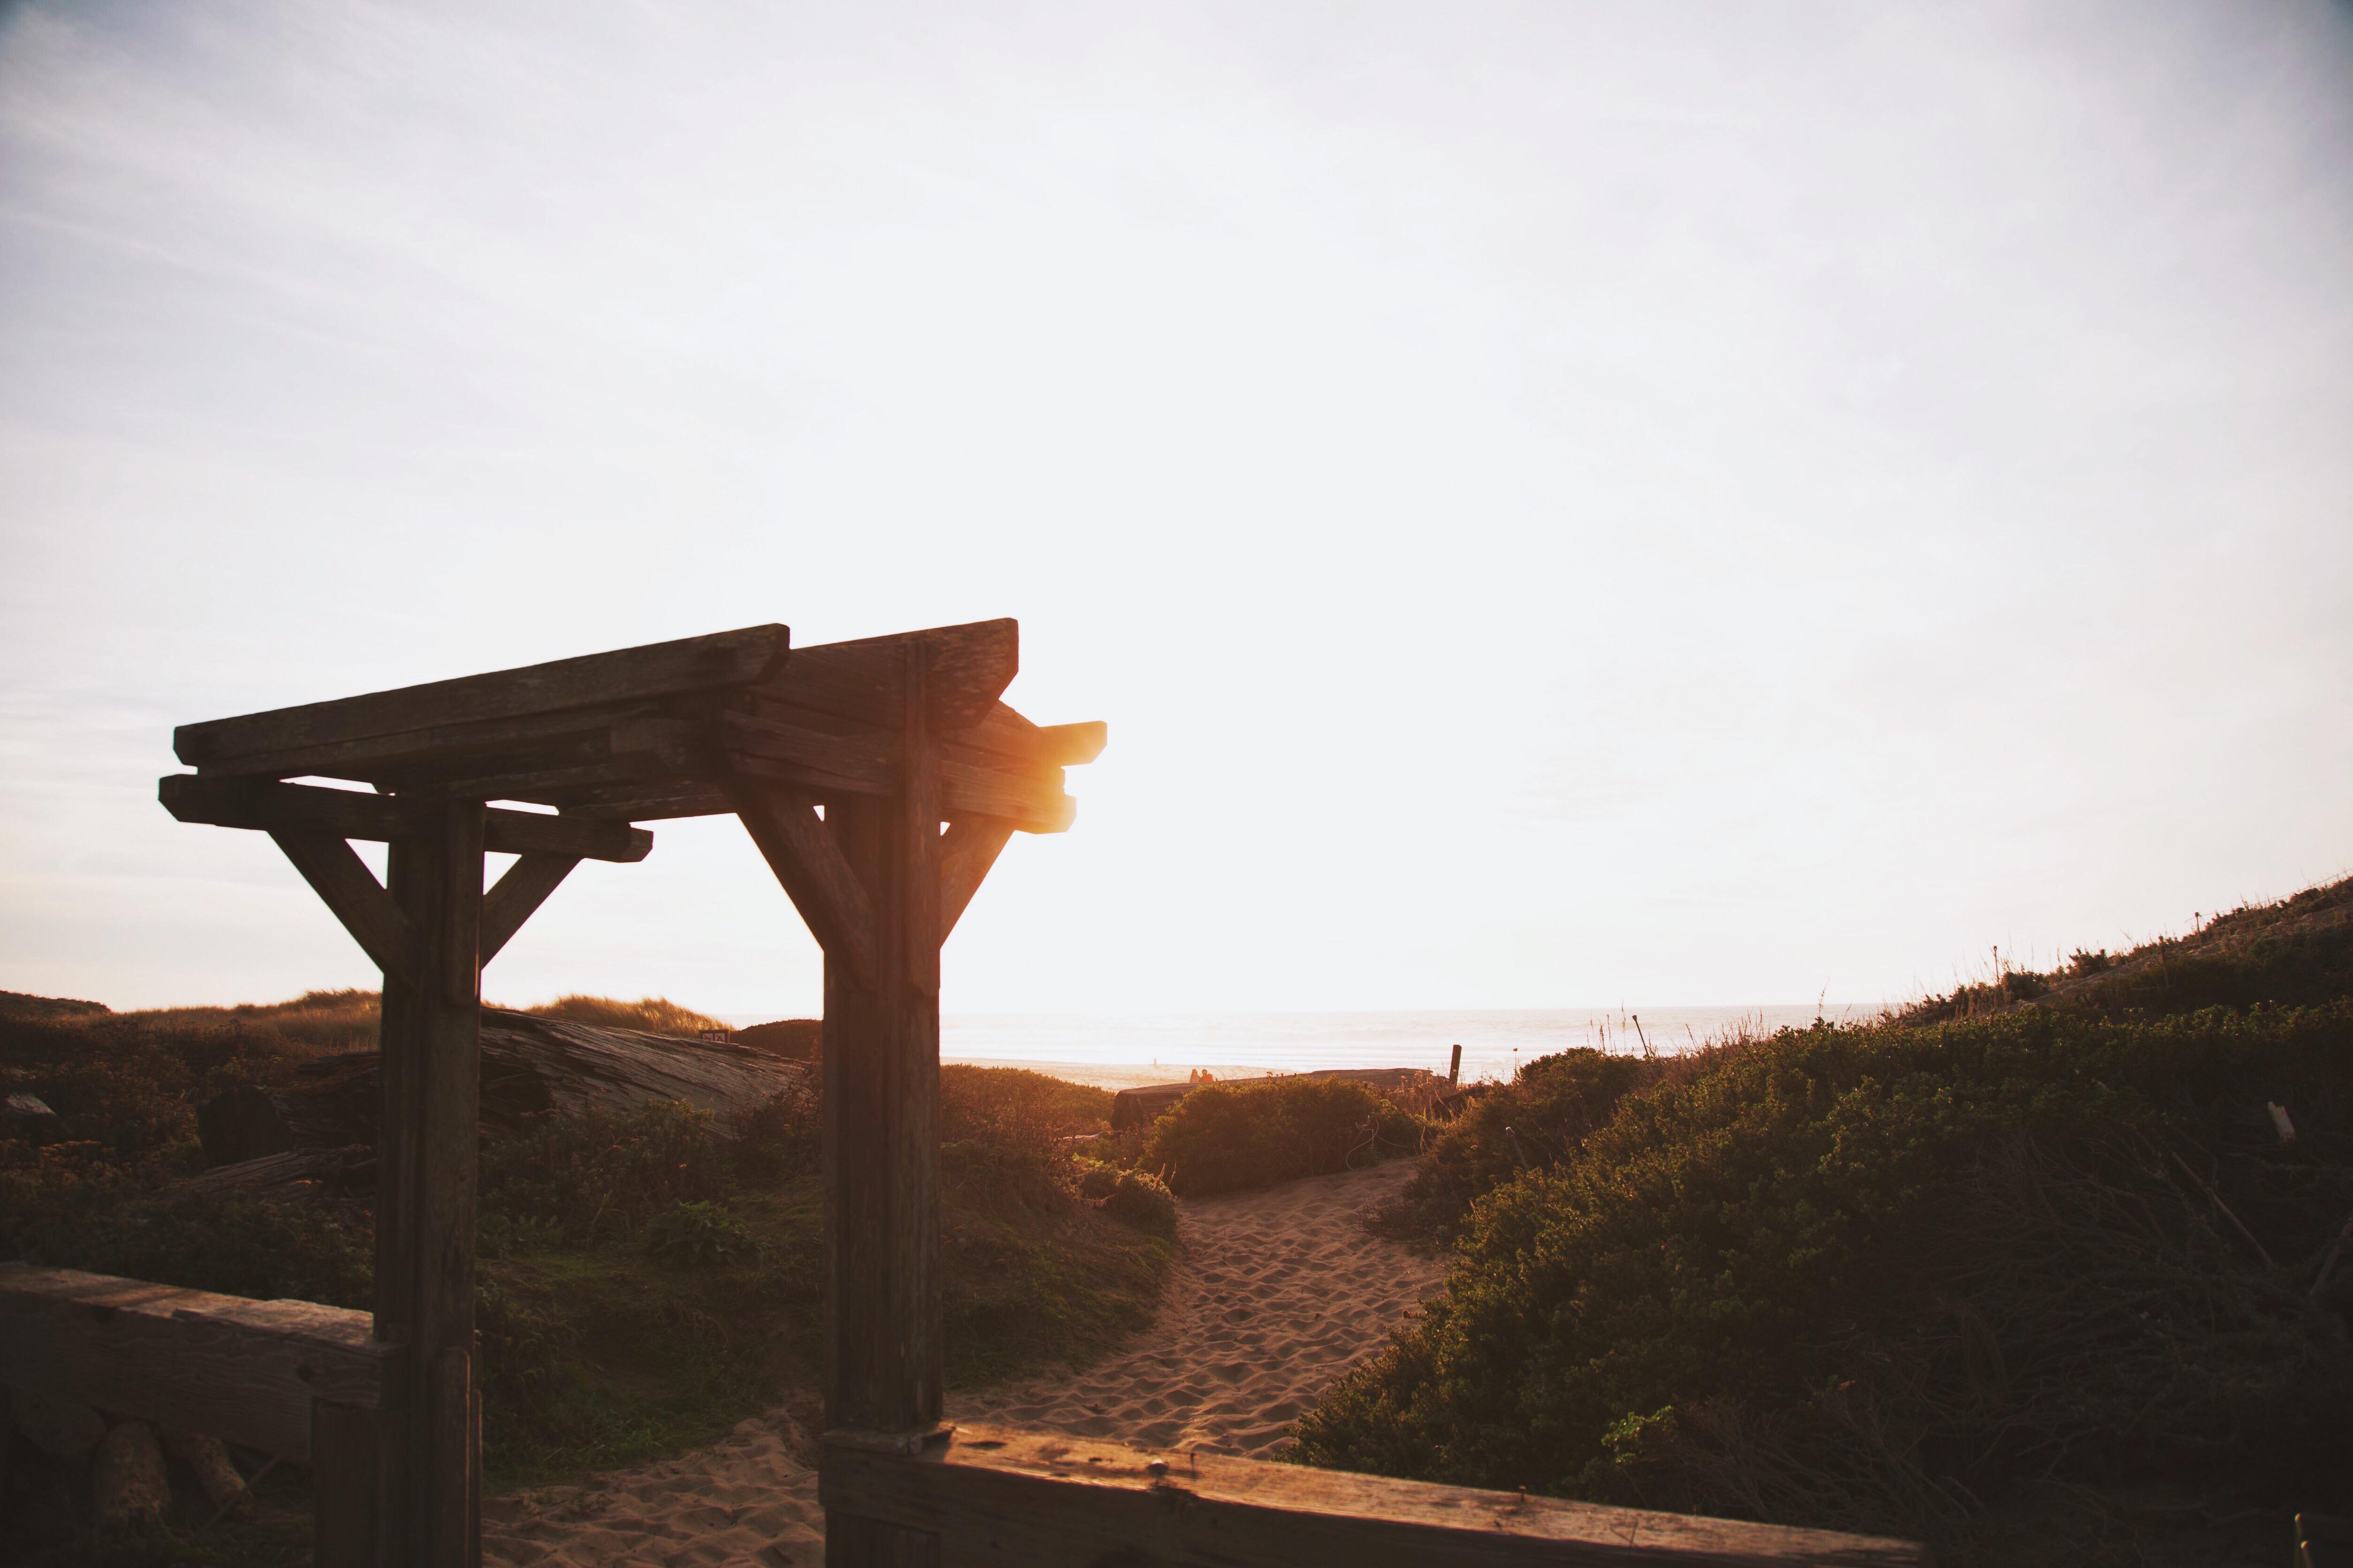 【晒晒十一旅行照】去了哪些好地方?拍了不少好照片吧,来分享看看~